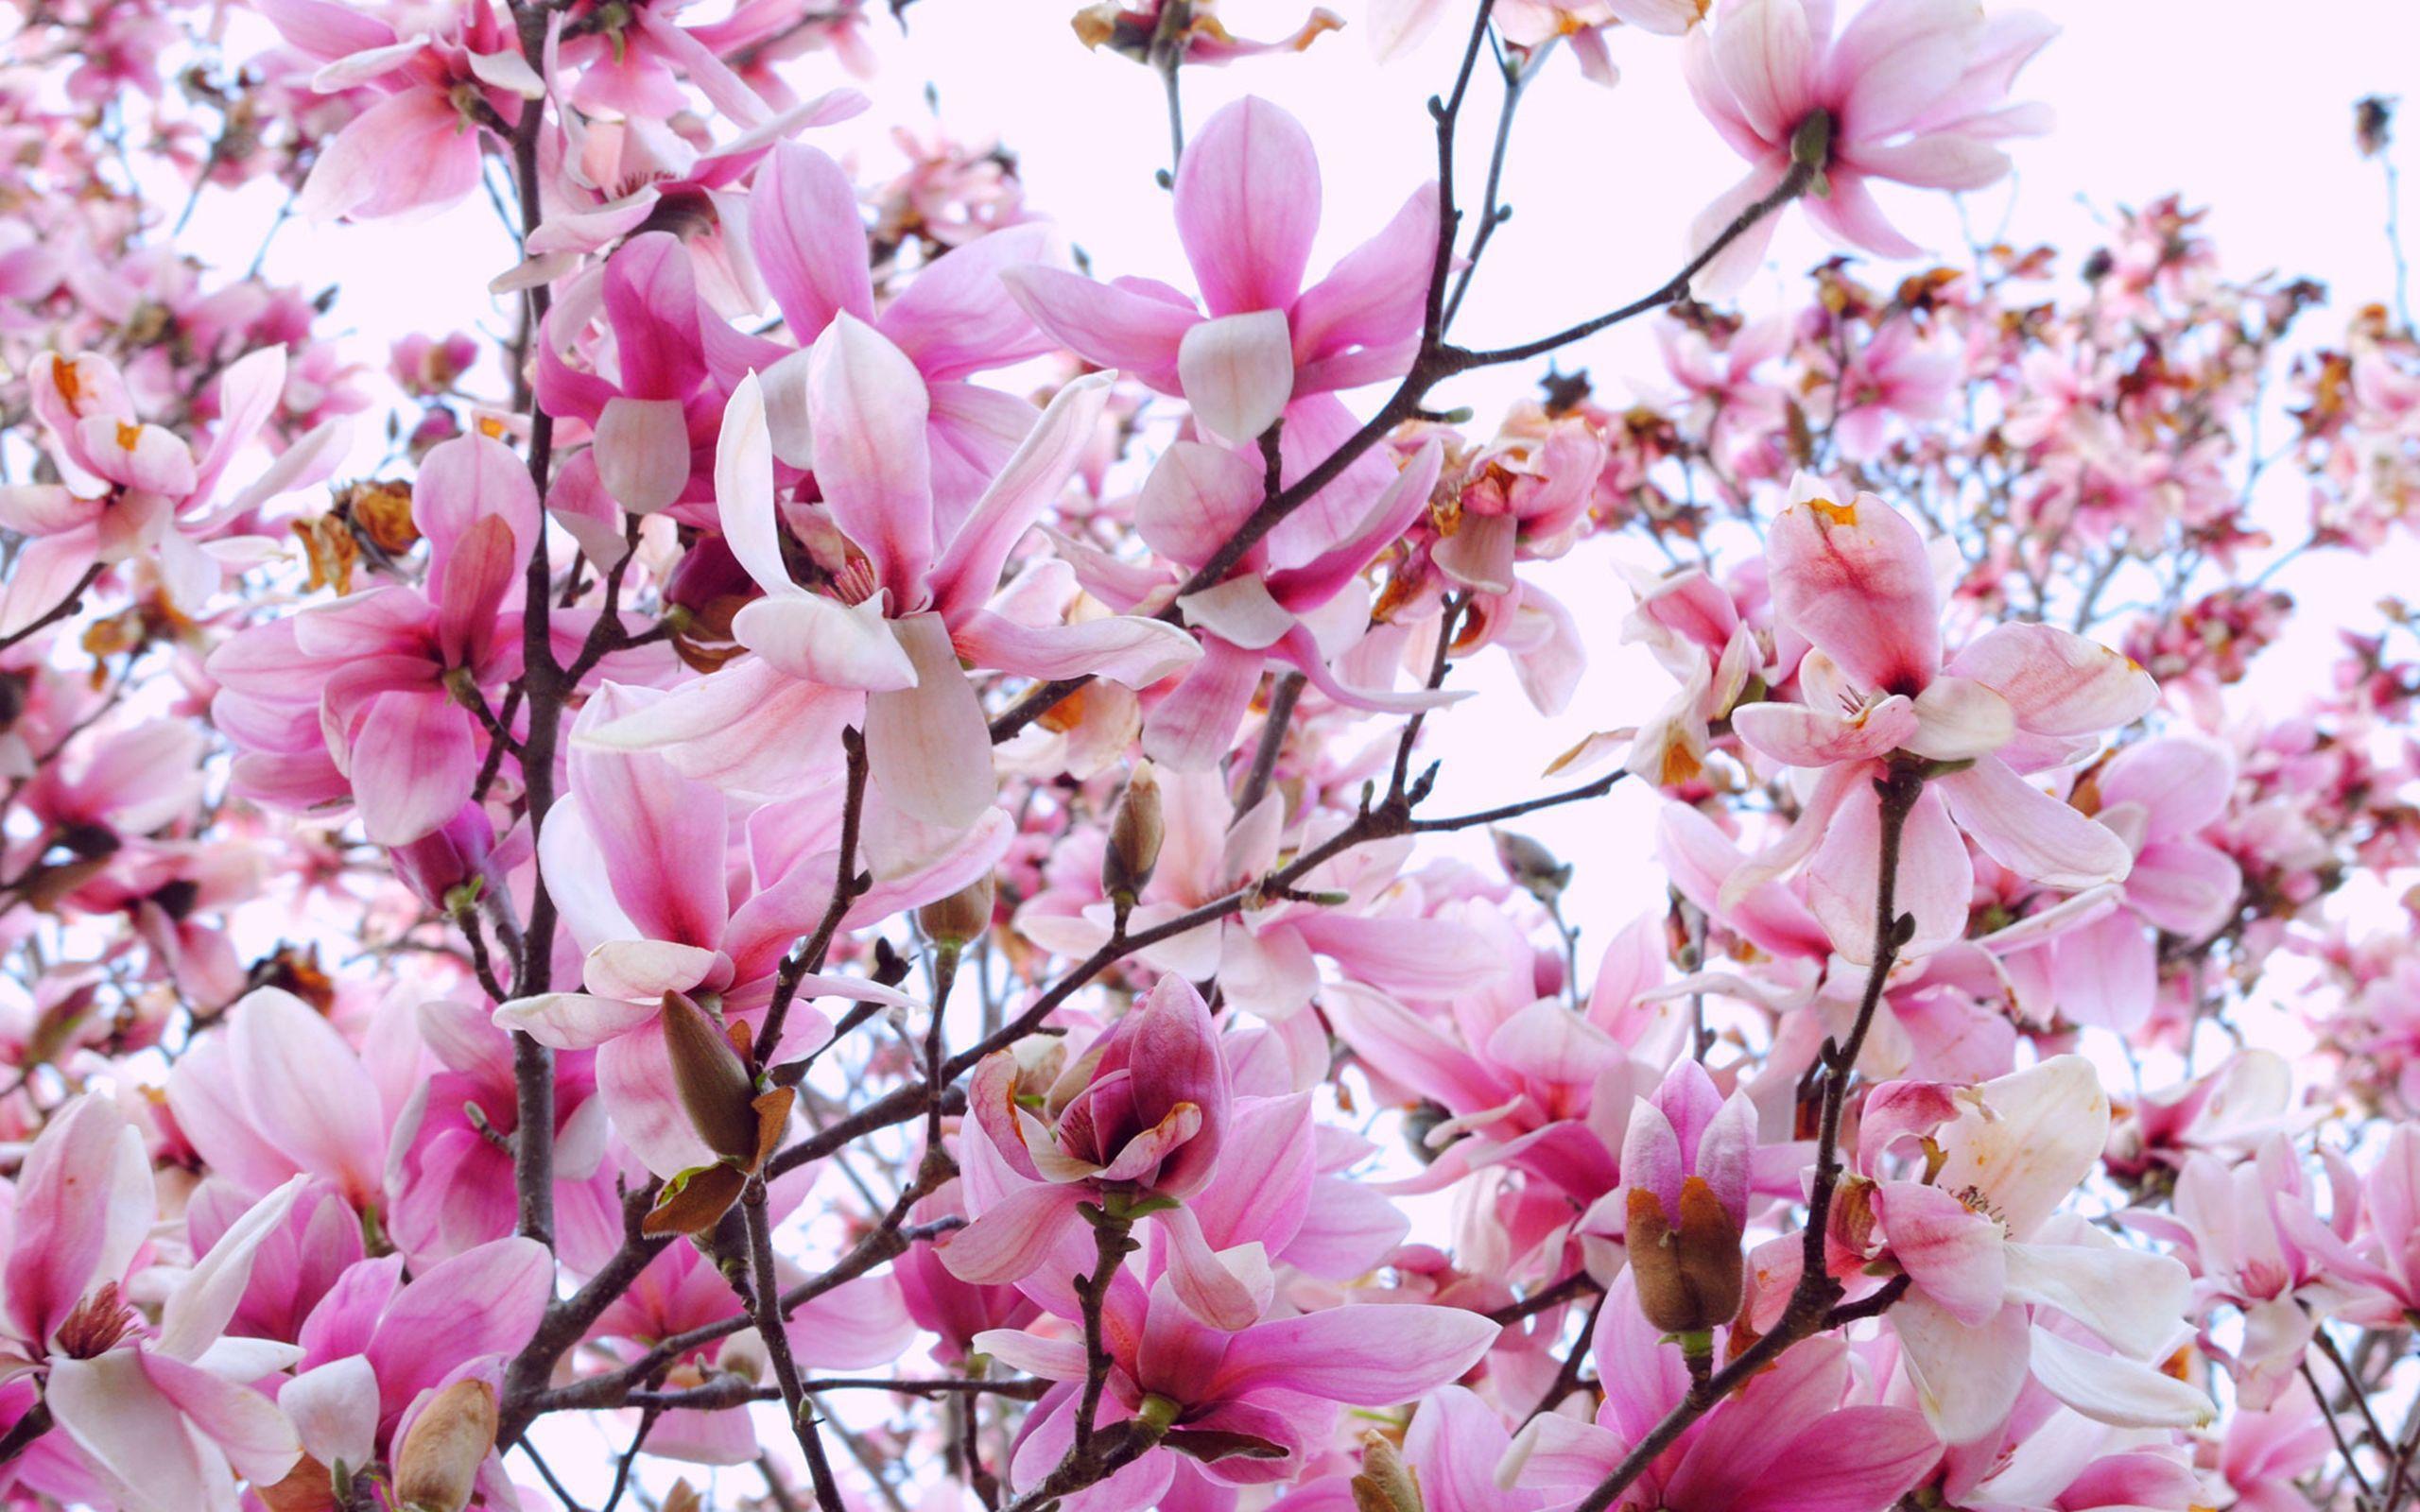 Magnolia for desktop background - Magnolia background ...